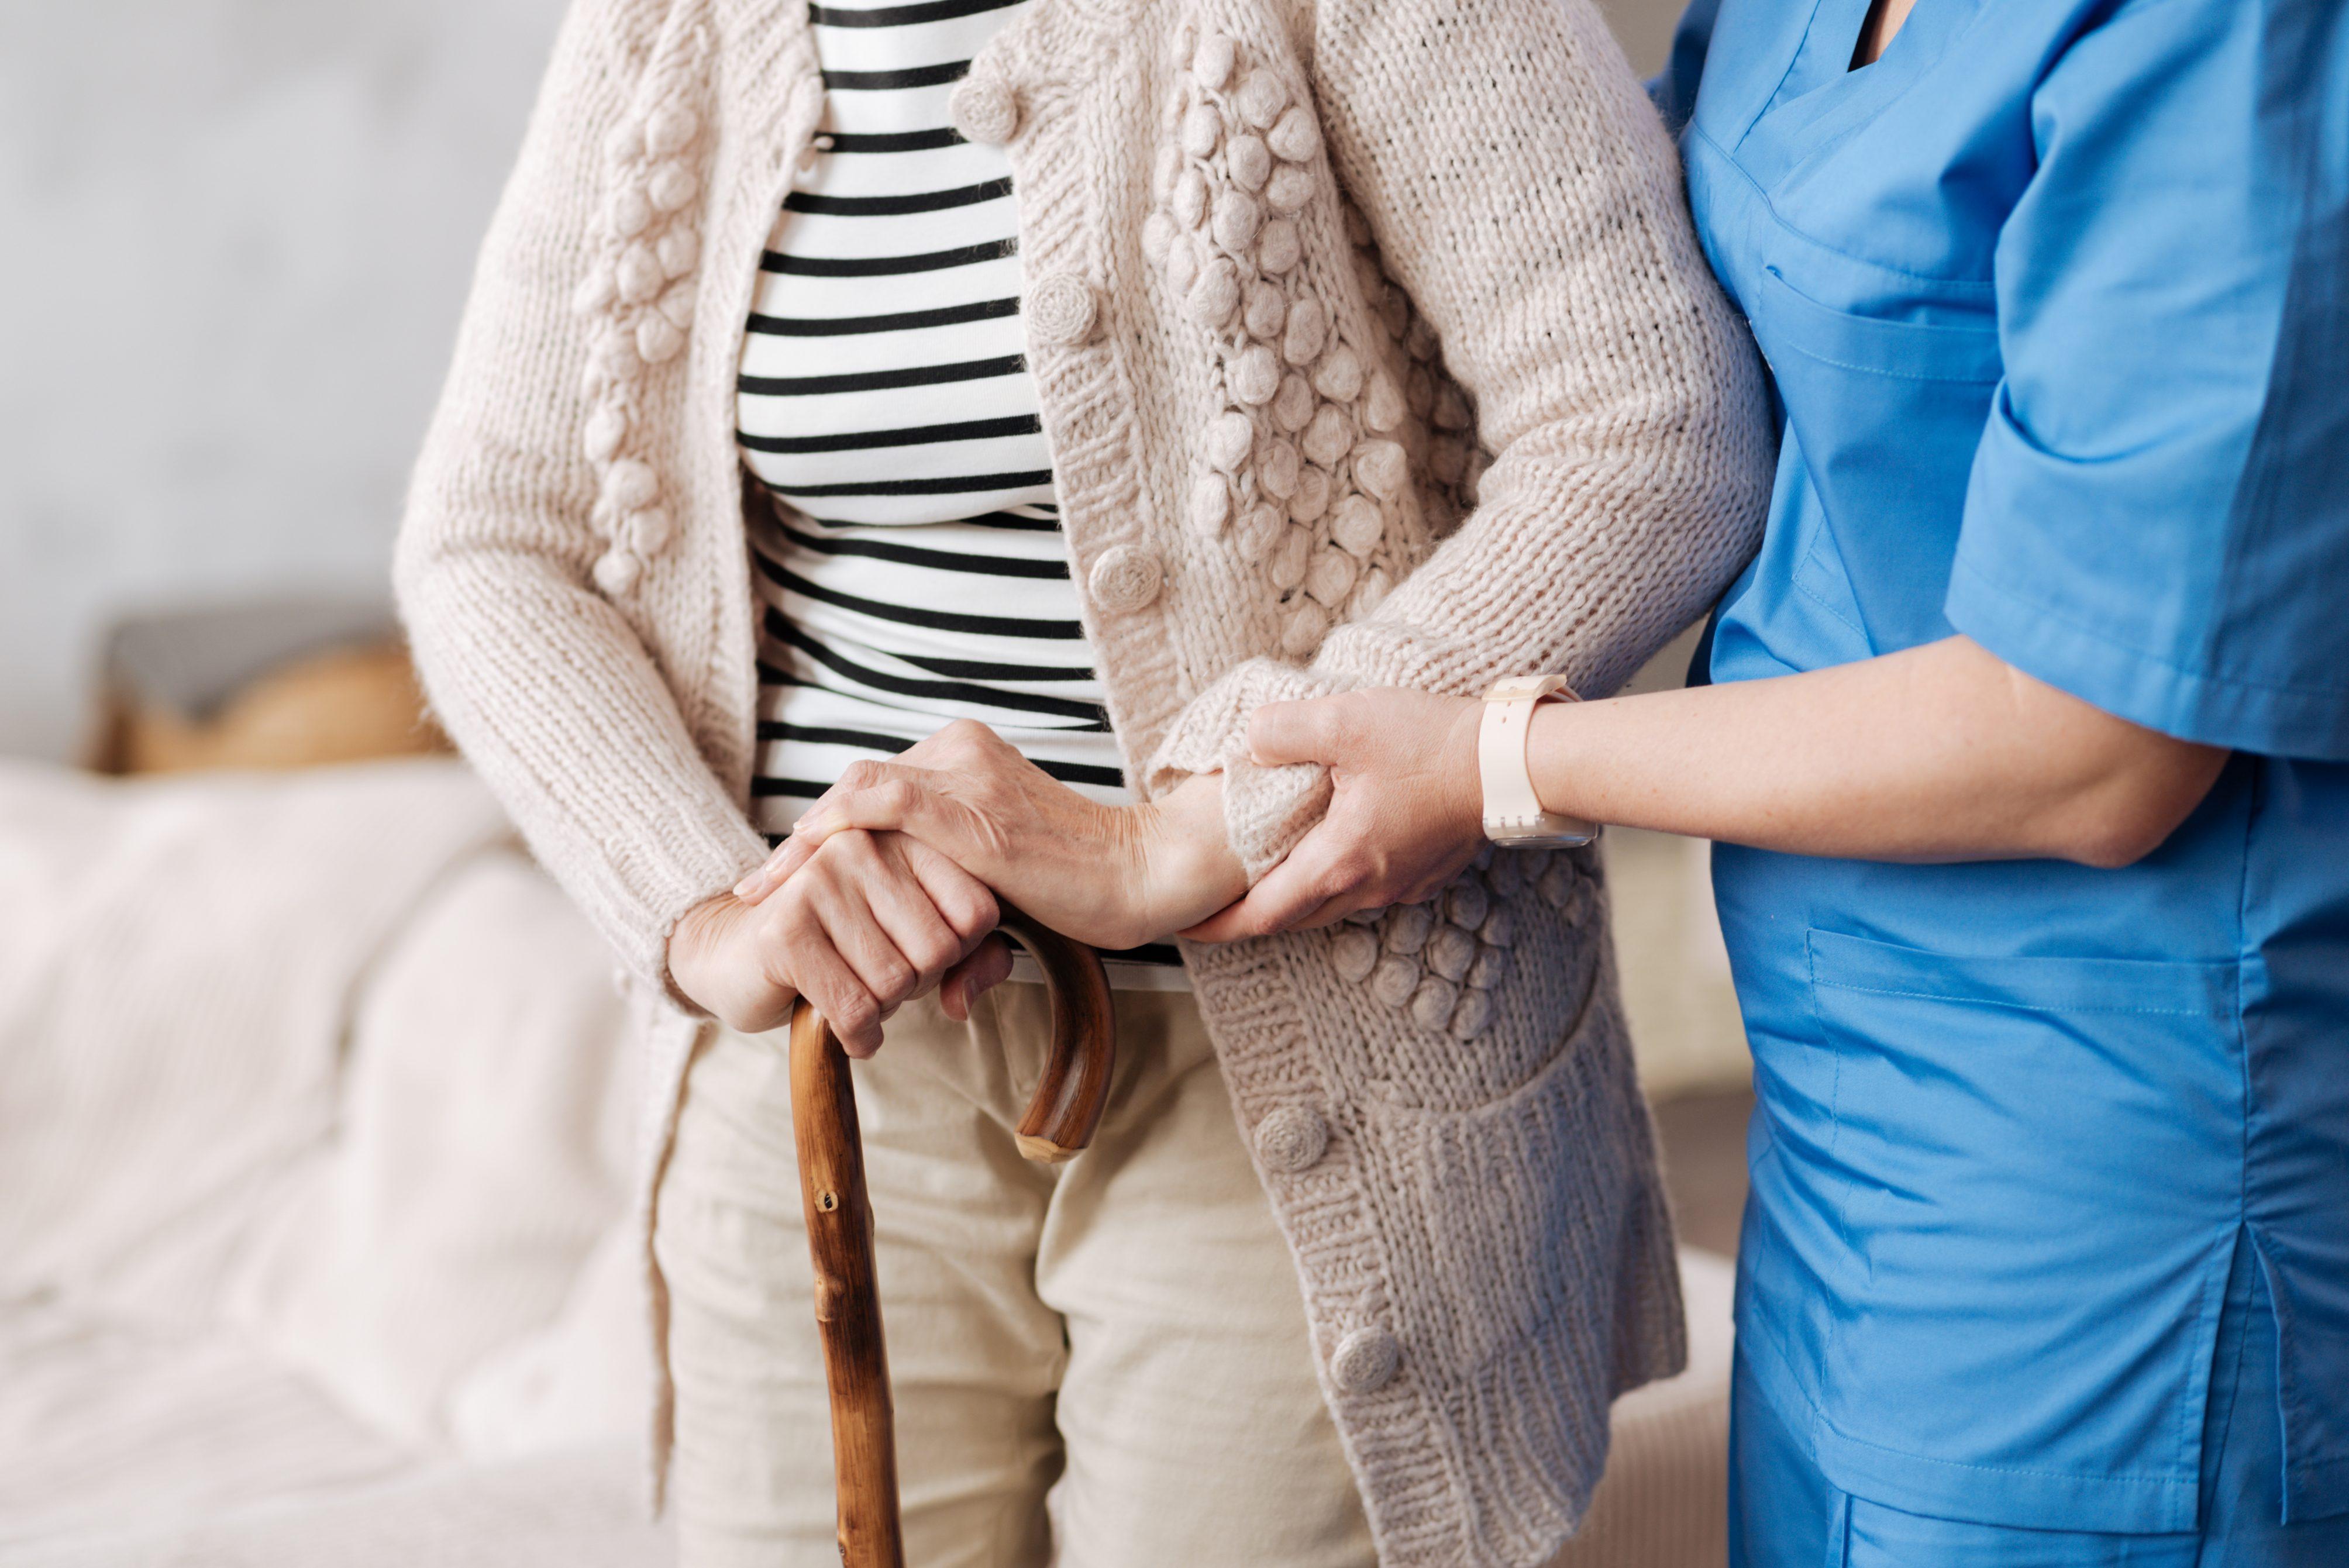 Nurse & Client, no faces